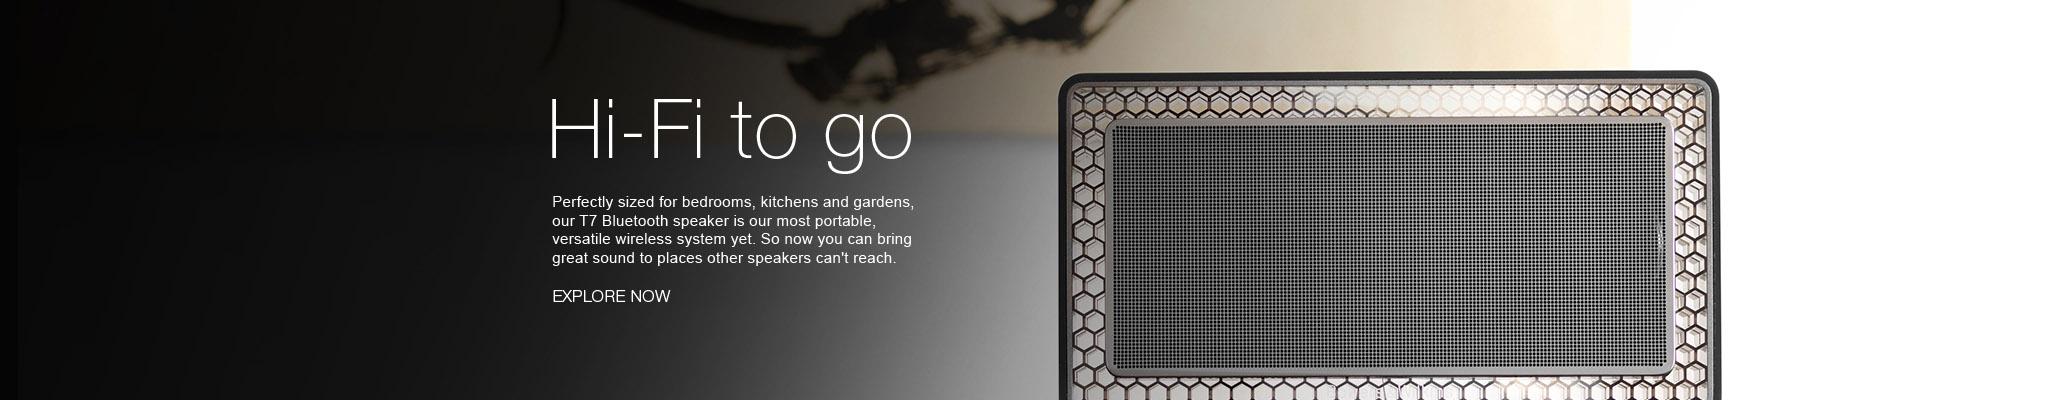 Bowers & Wilkins Bluetooth Speaker T7 Homepage-Banner